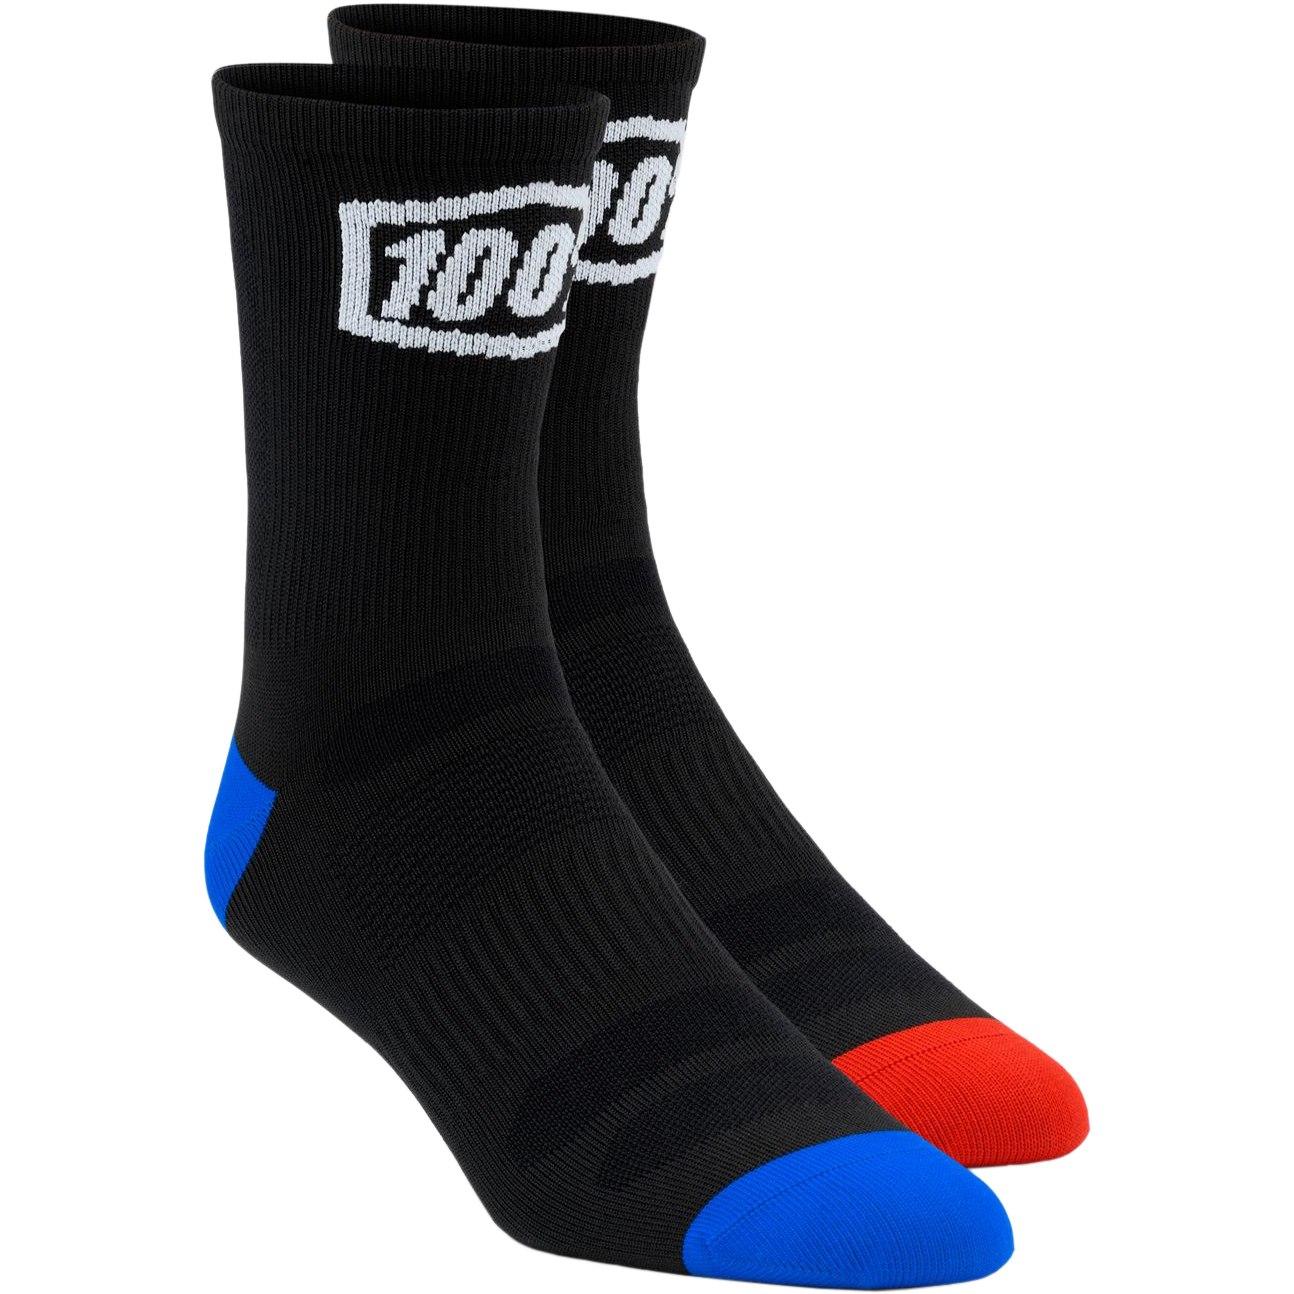 100% Terrain Socks - Black